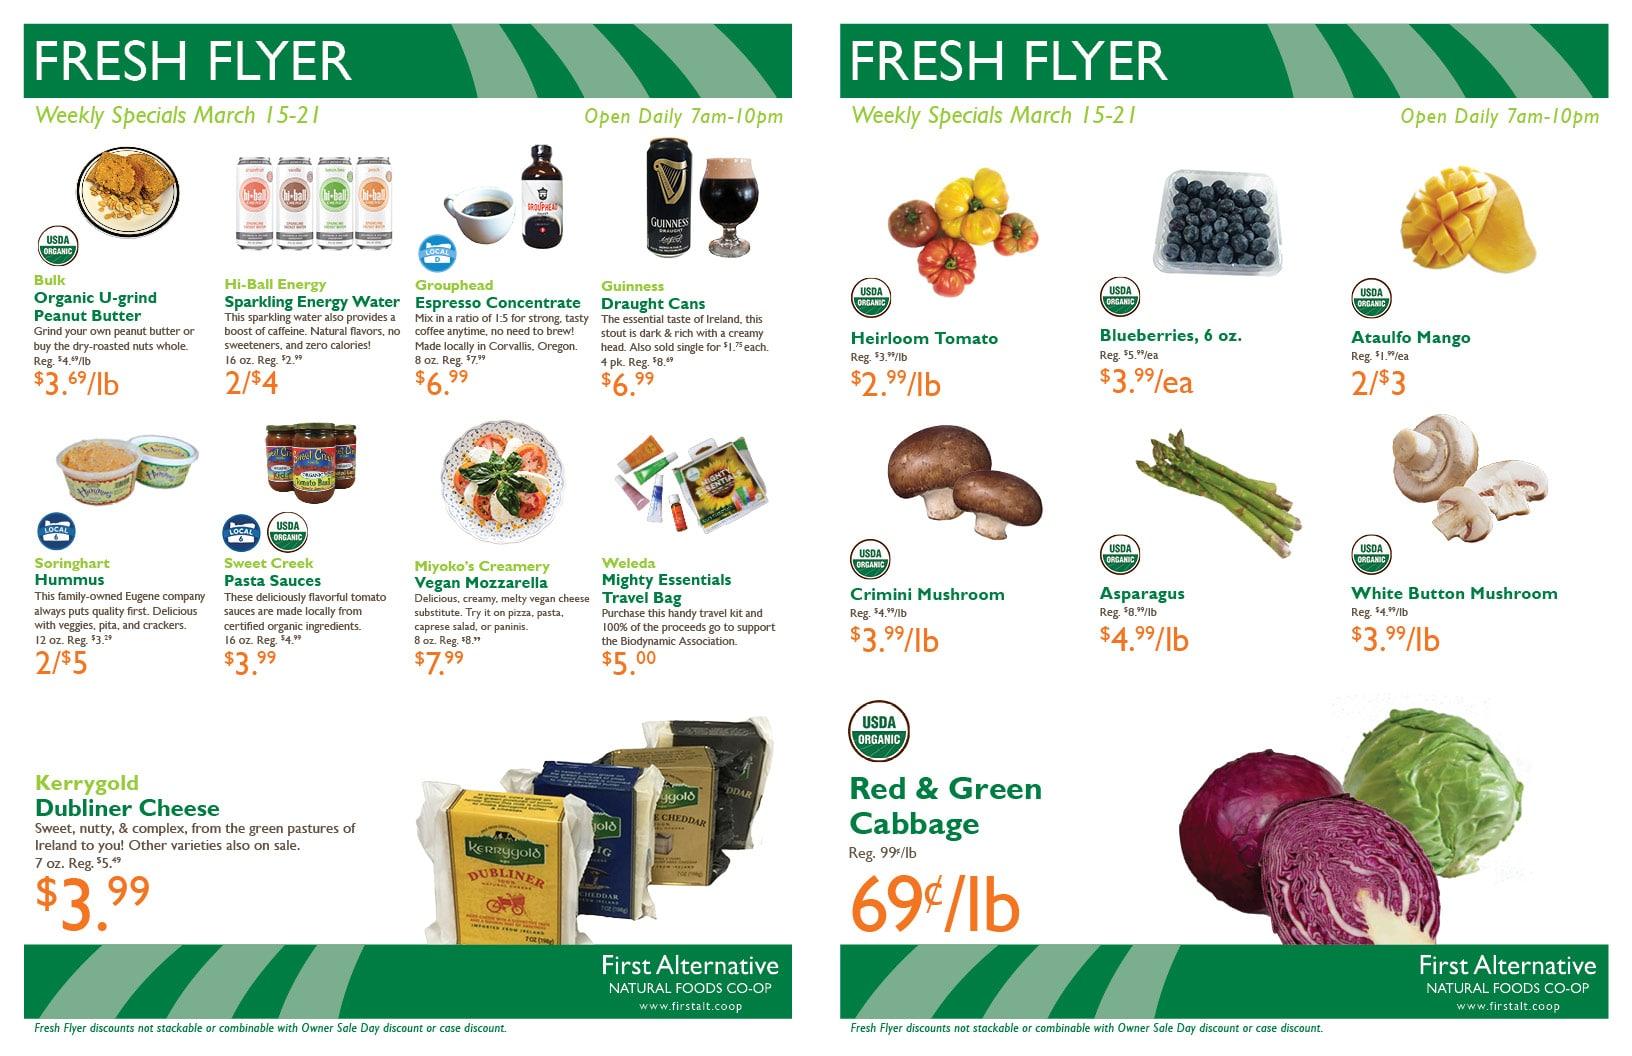 First Alternative Fresh Flyer Mar 15-21